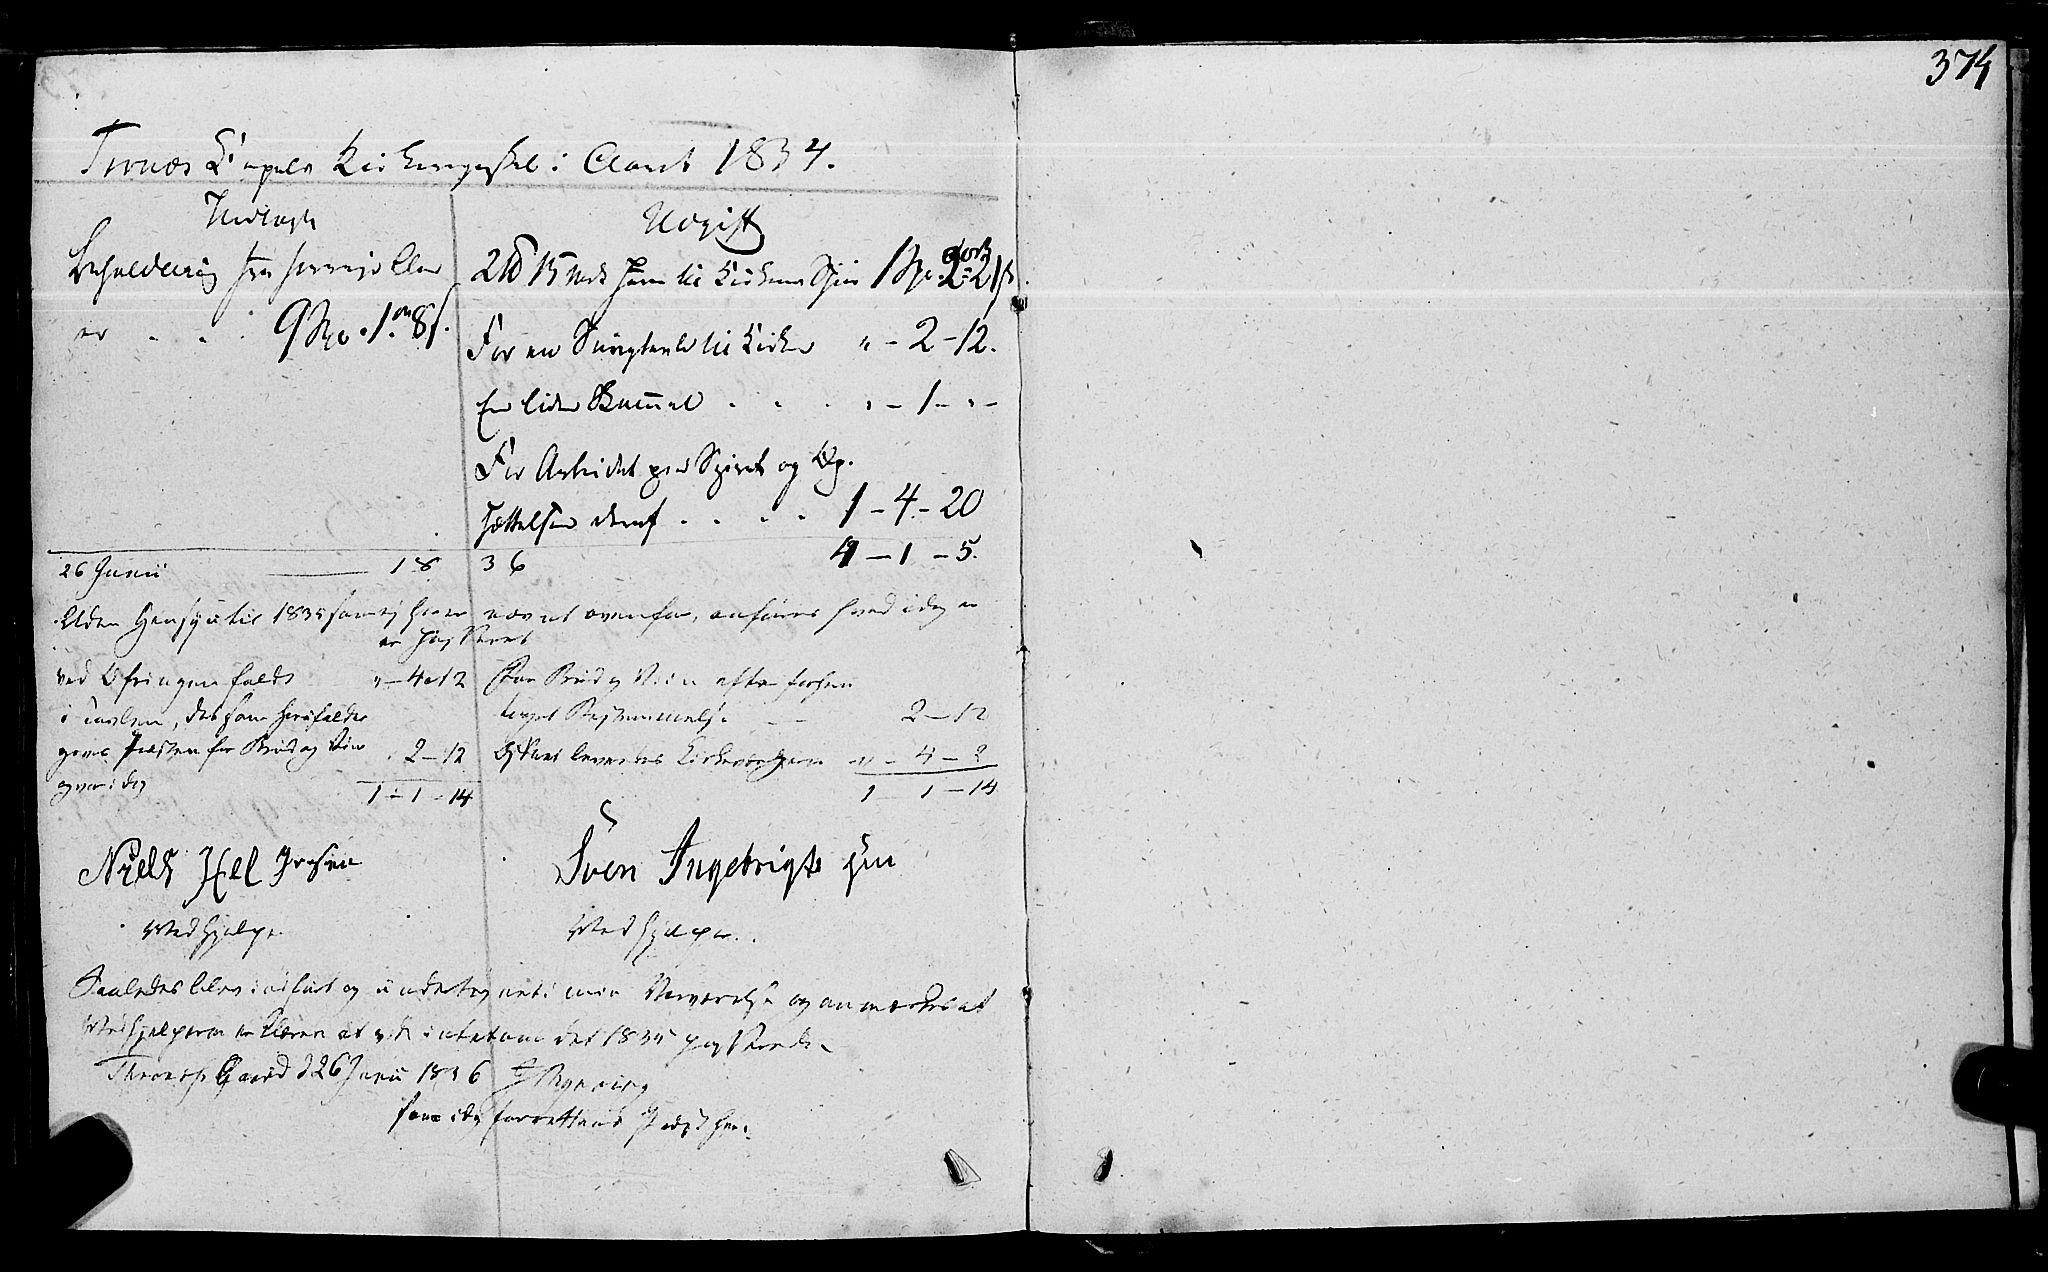 SAT, Ministerialprotokoller, klokkerbøker og fødselsregistre - Nord-Trøndelag, 762/L0538: Ministerialbok nr. 762A02 /2, 1833-1879, s. 374